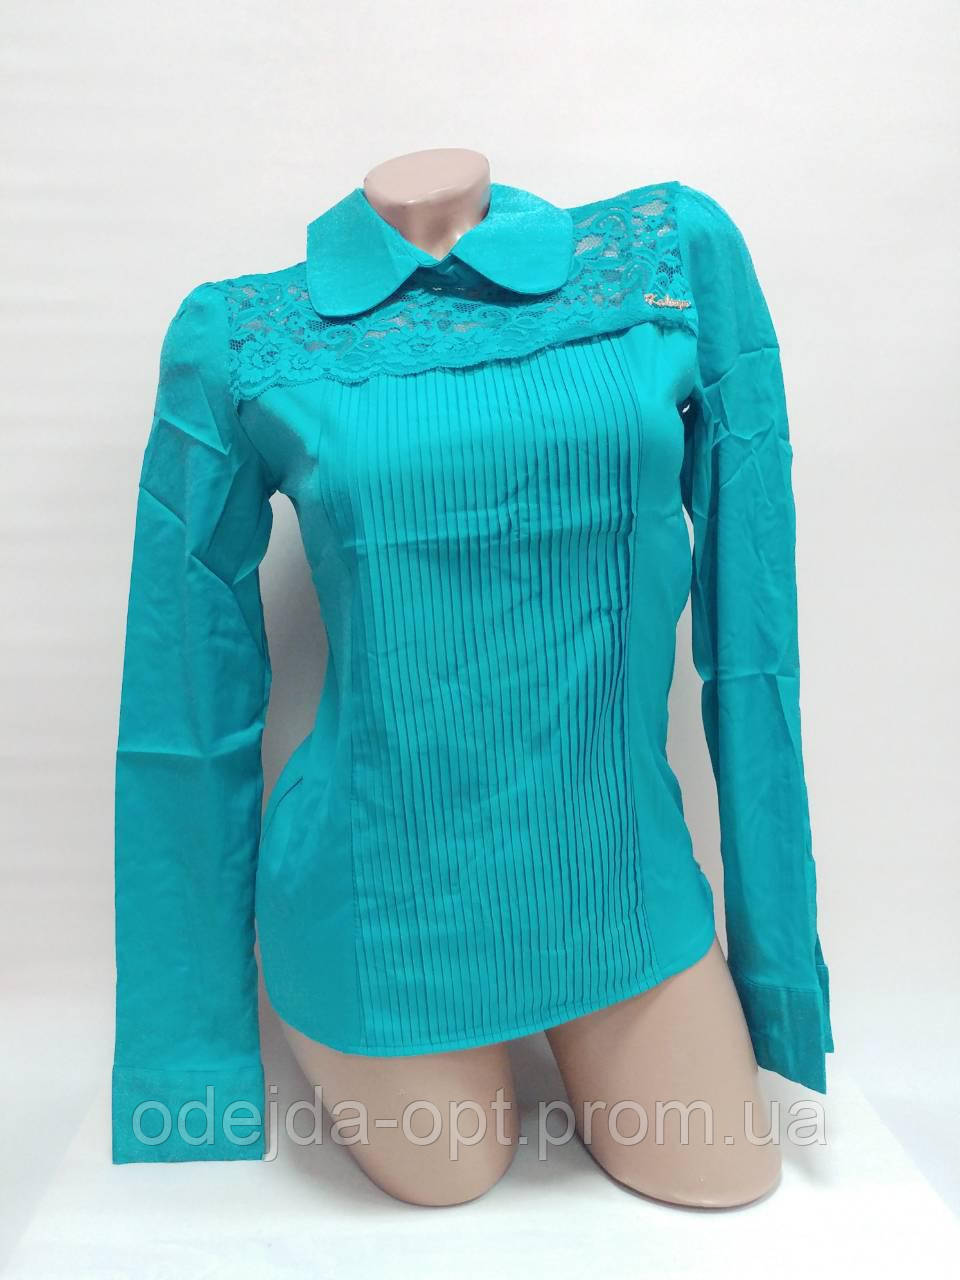 Блузка женская. В ростовке 5 шт. Размеры 36-44